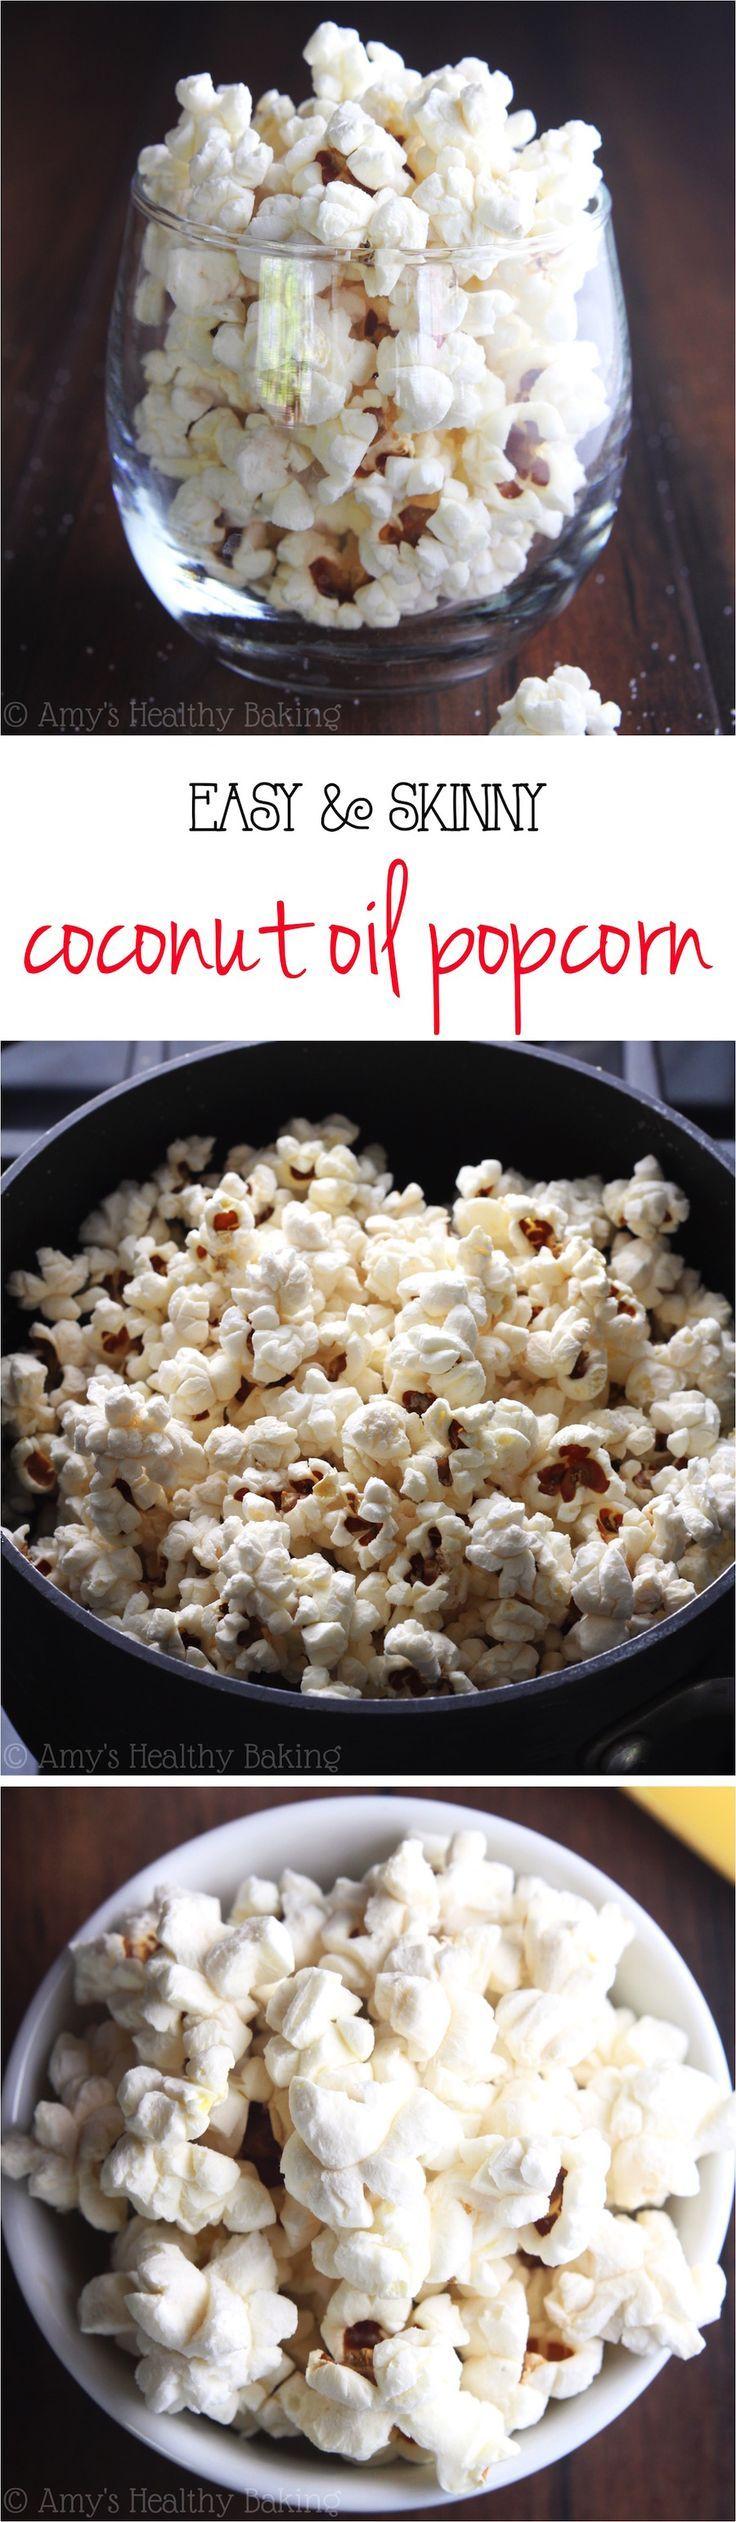 Popcorn geht auch gesund: Zur Movie-Night machen wir uns unser eigenes Popcorn mal mit anderen Geschmäckern.   Vielen Dank für diese leckere Idee  Dein blog.balloonas.com    #Teens #teenager #movie #movienight #kino #geburtstag #fun #popcorn